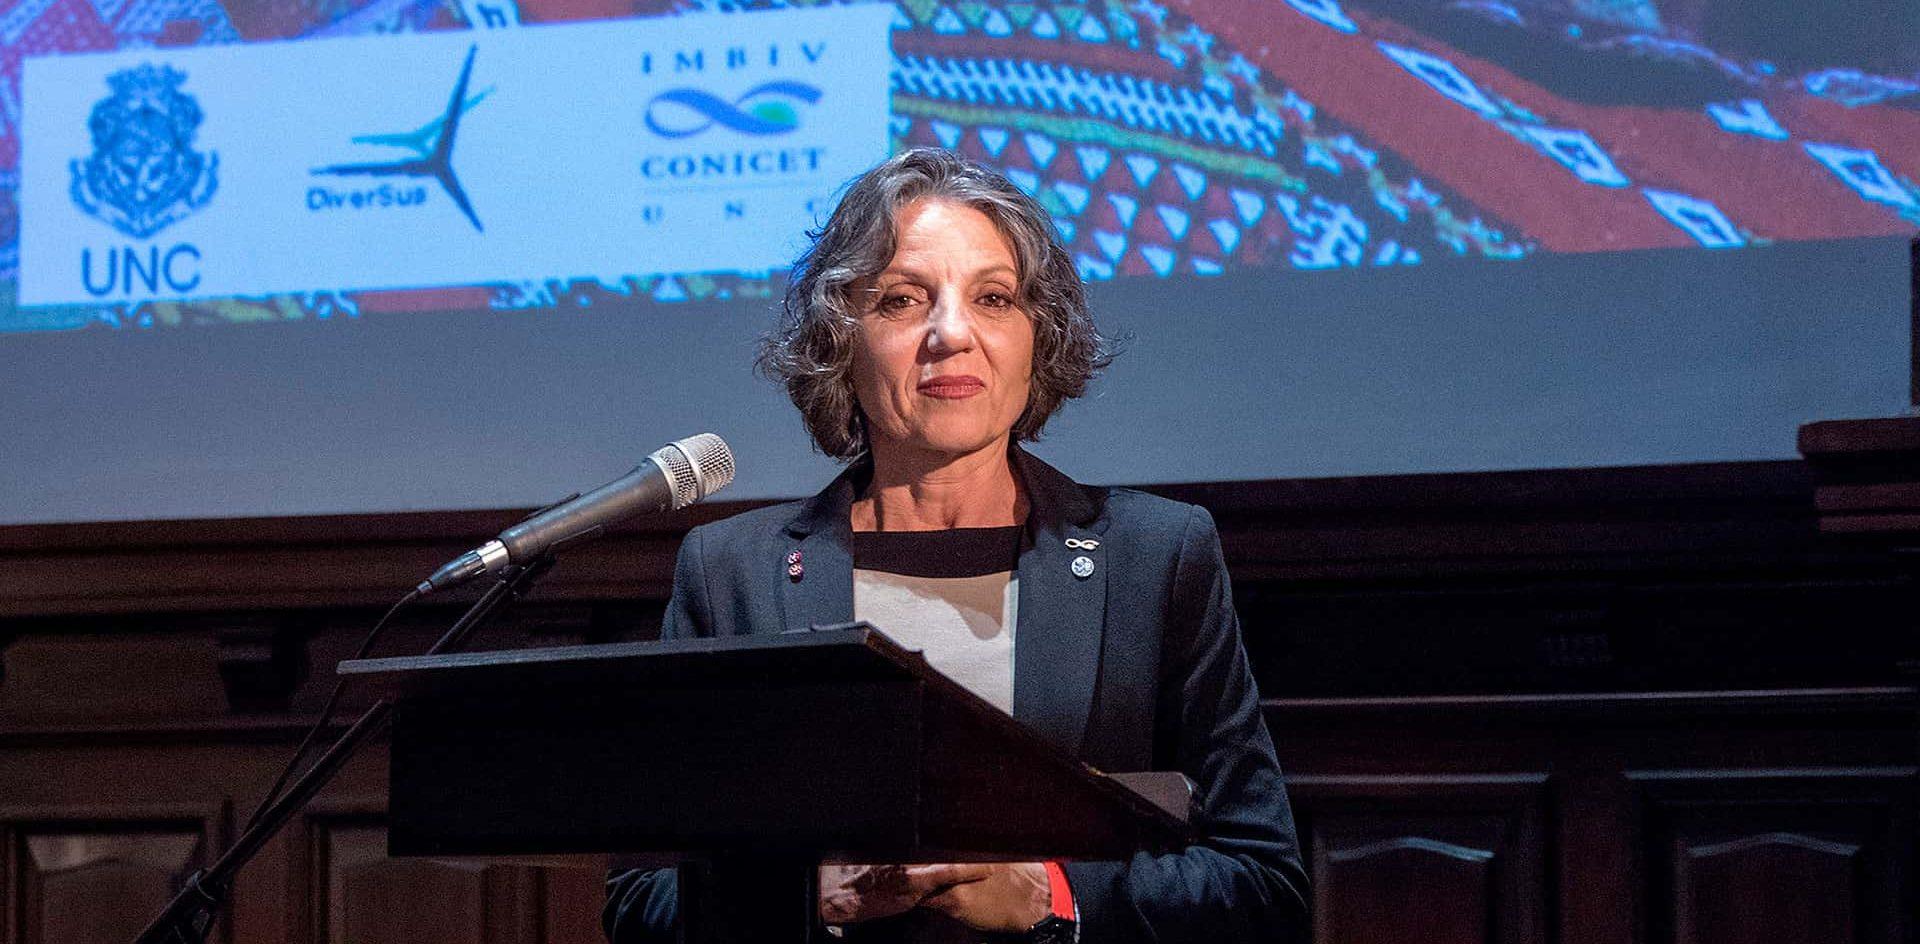 La investigadora de la UNC Sandra Díaz ganó el Premio Princesa de Asturias